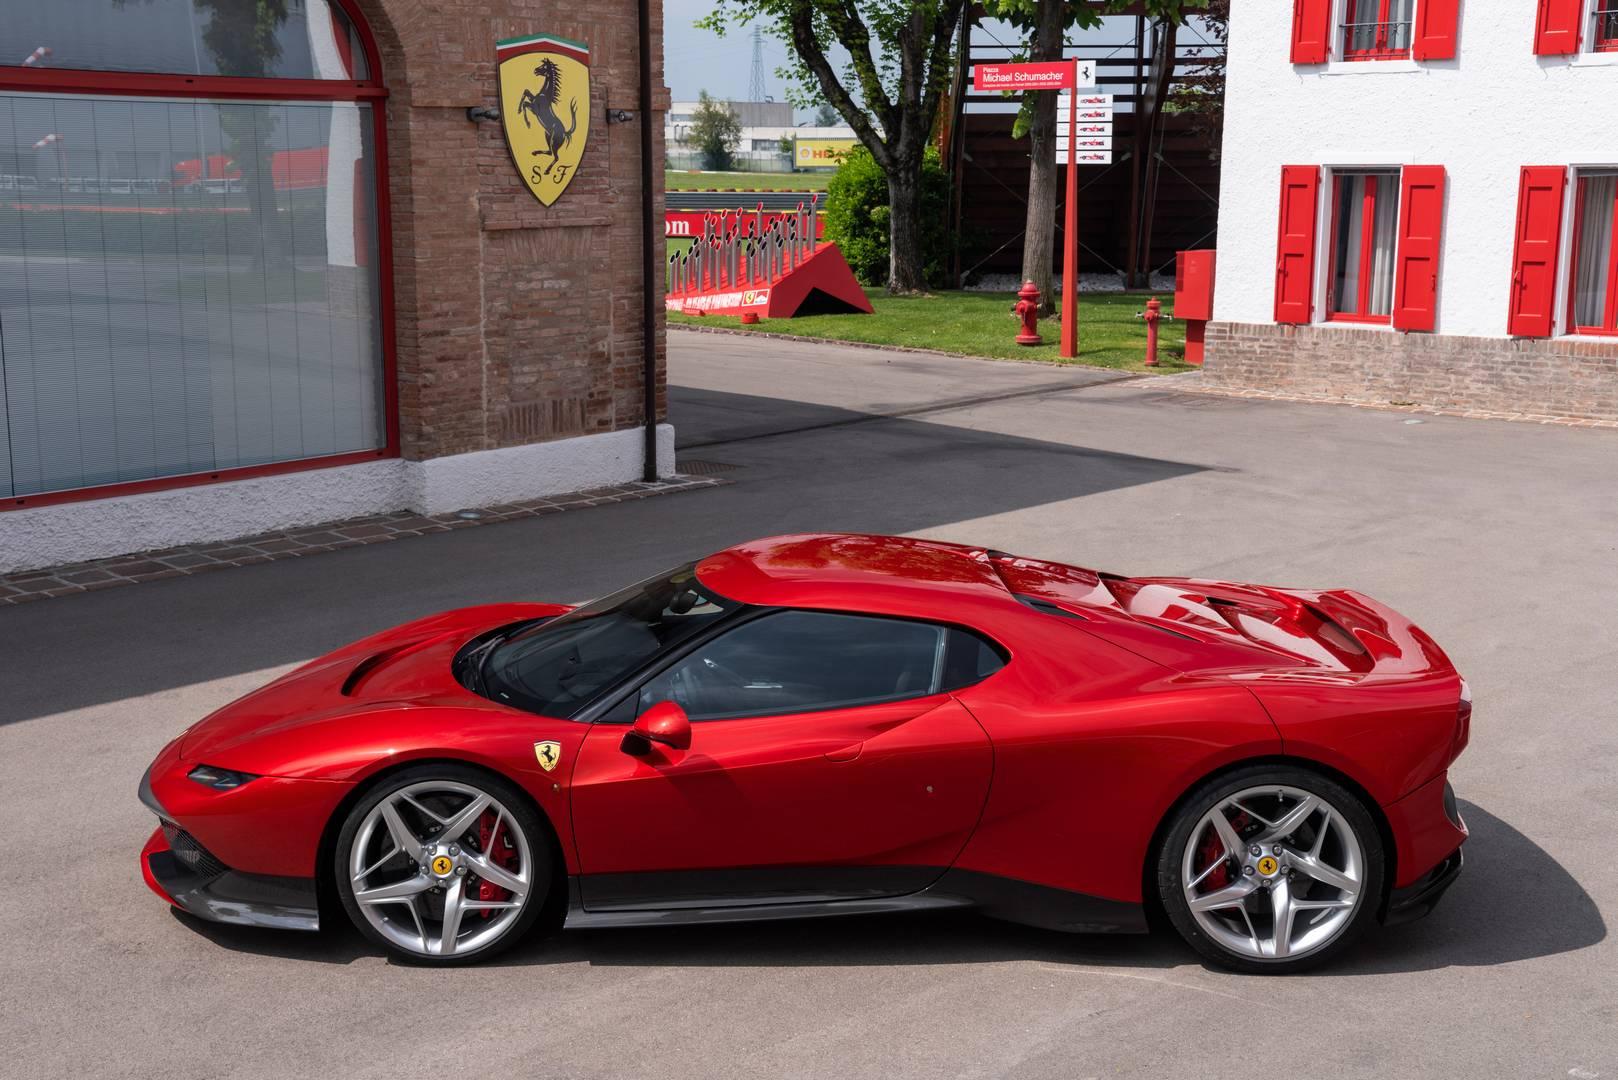 Последним проектом, который мы видели, был Ferrari J50, ограниченный серийный выпуск из 10 автомобилей, предназначенных для Японии. Сегодня была выпущена новая модель - Ferrari SP38.